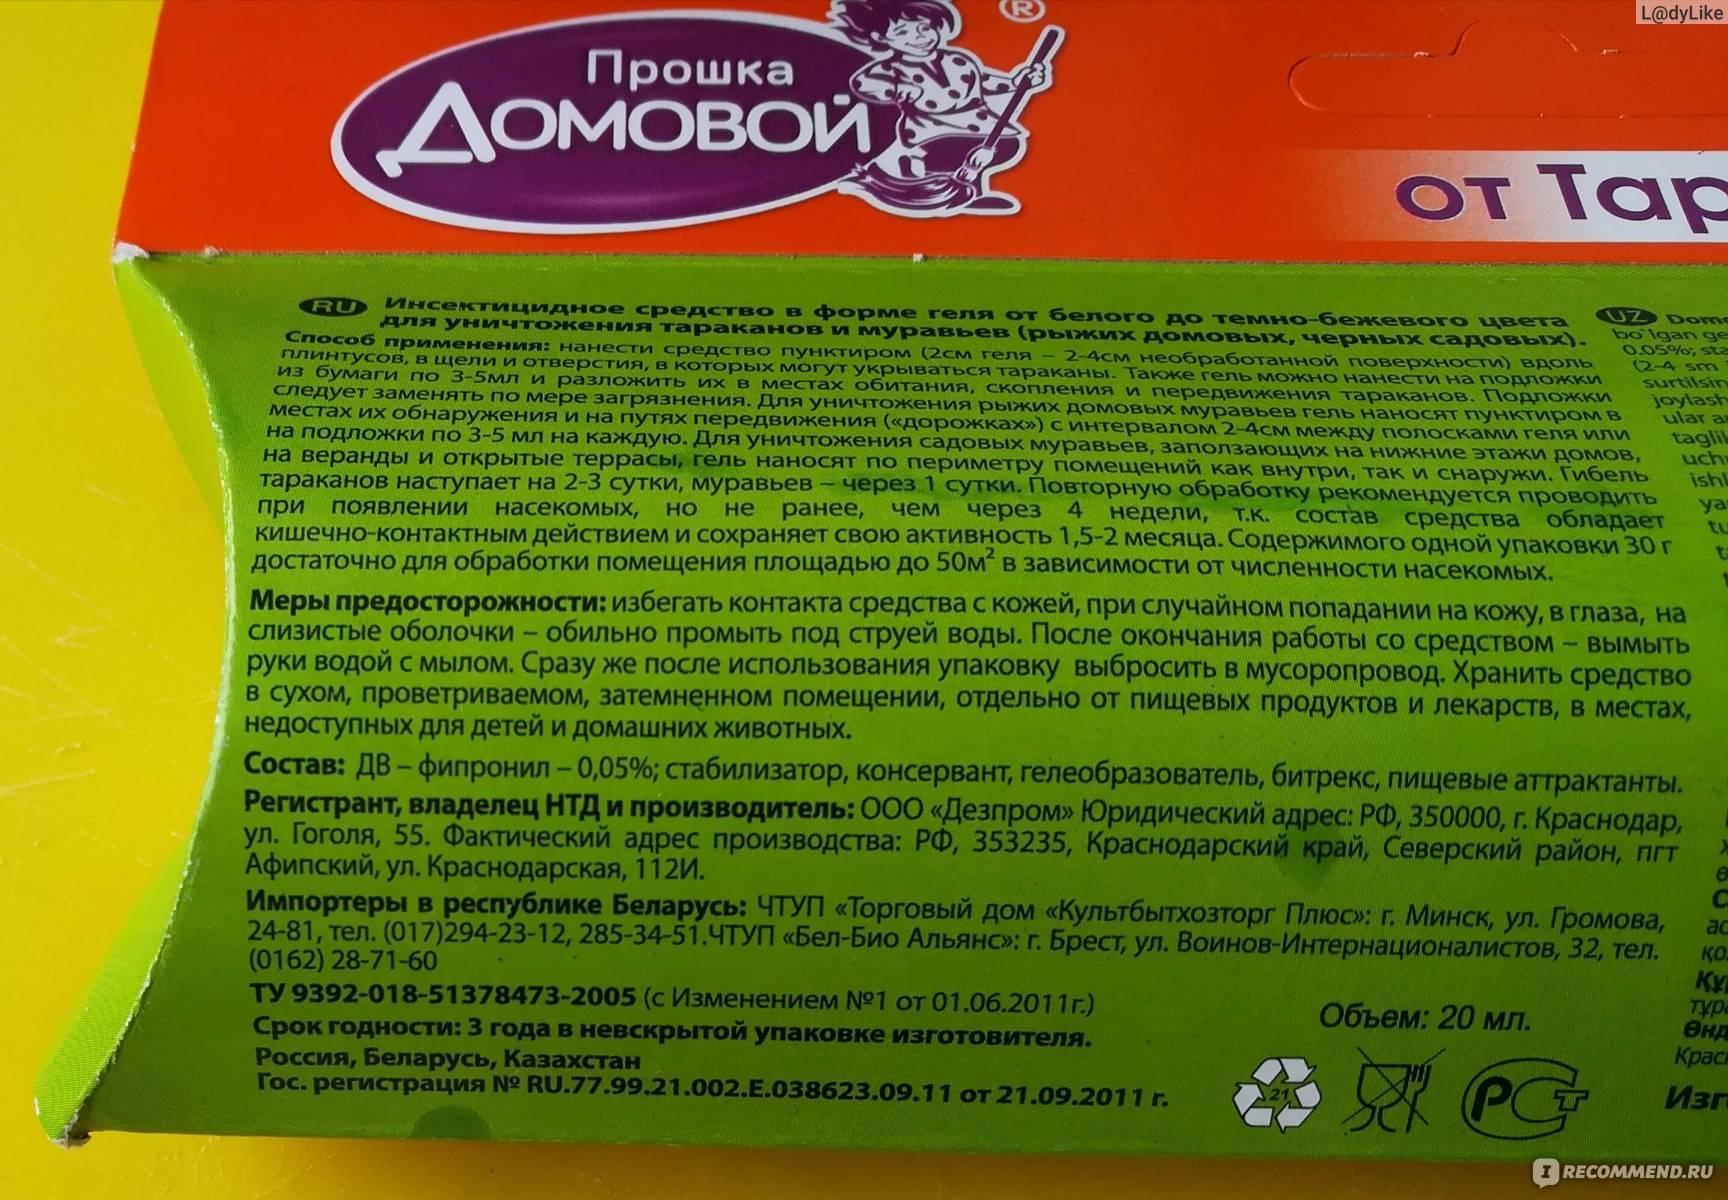 Гель от тараканов домовой: описание, иснтрукция по применению, отзывы